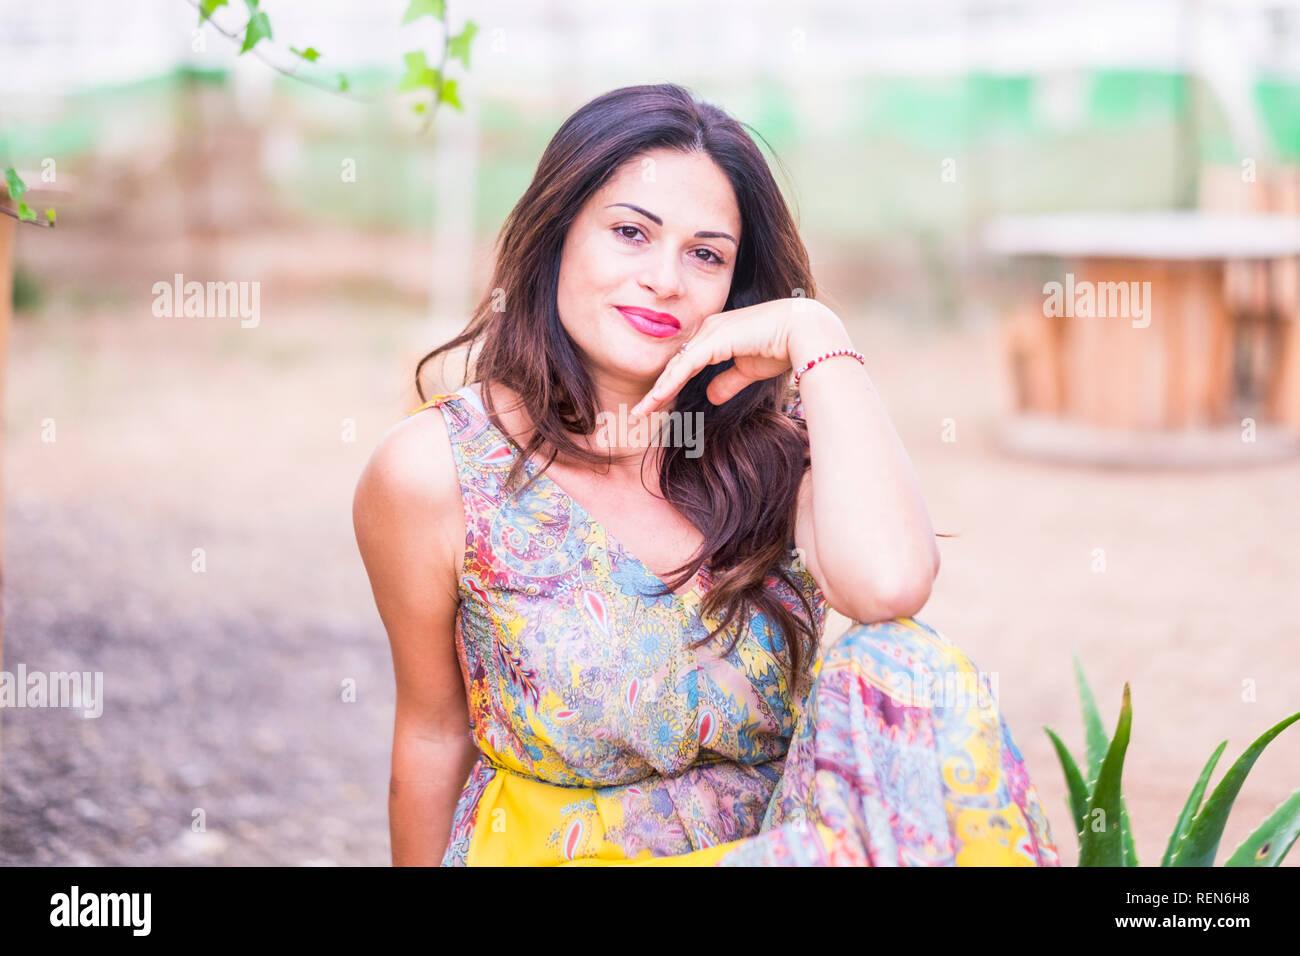 e785bfbe54c9 Bella giovane donna in posa con abiti colorati outdoor sorridente alla  fotocamera - bella gente enojying